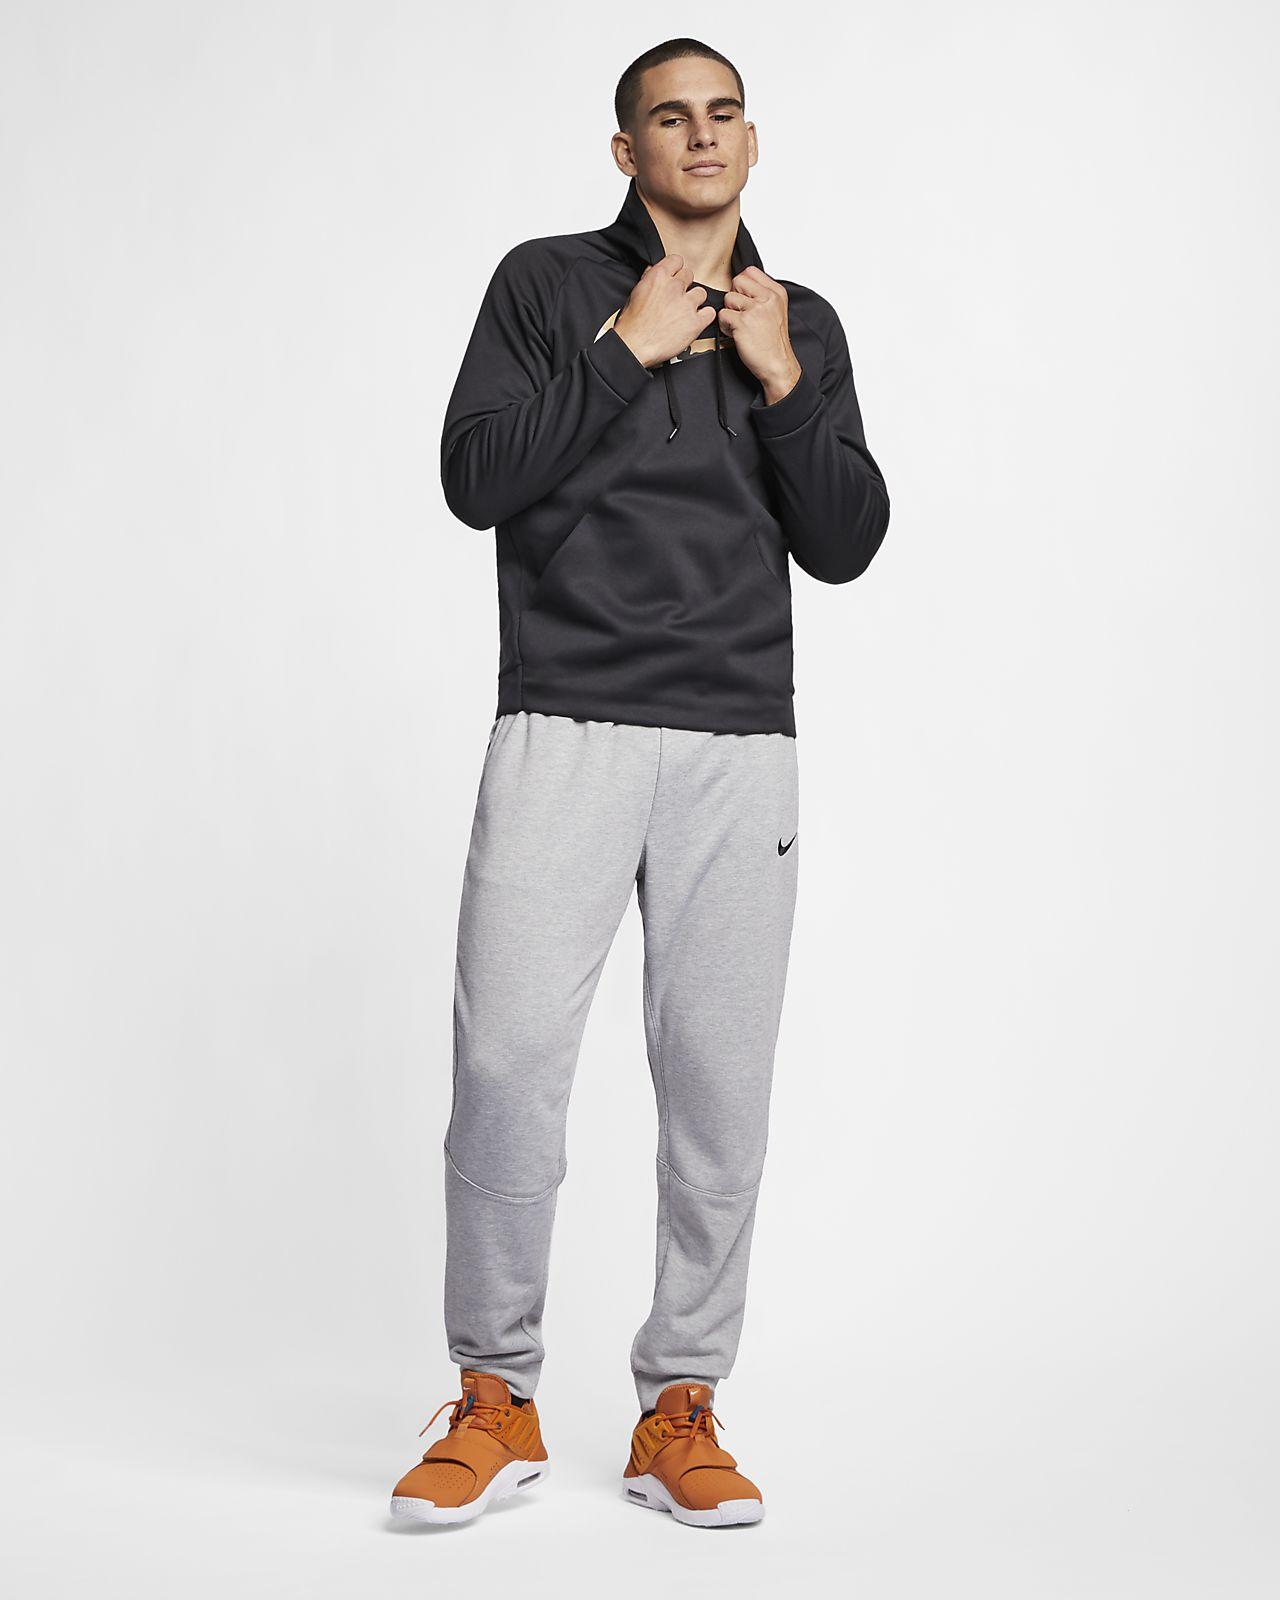 6eda43f1 Nike Dri-FIT-faconsyede træningsbukser i fleece til mænd. Nike.com DK